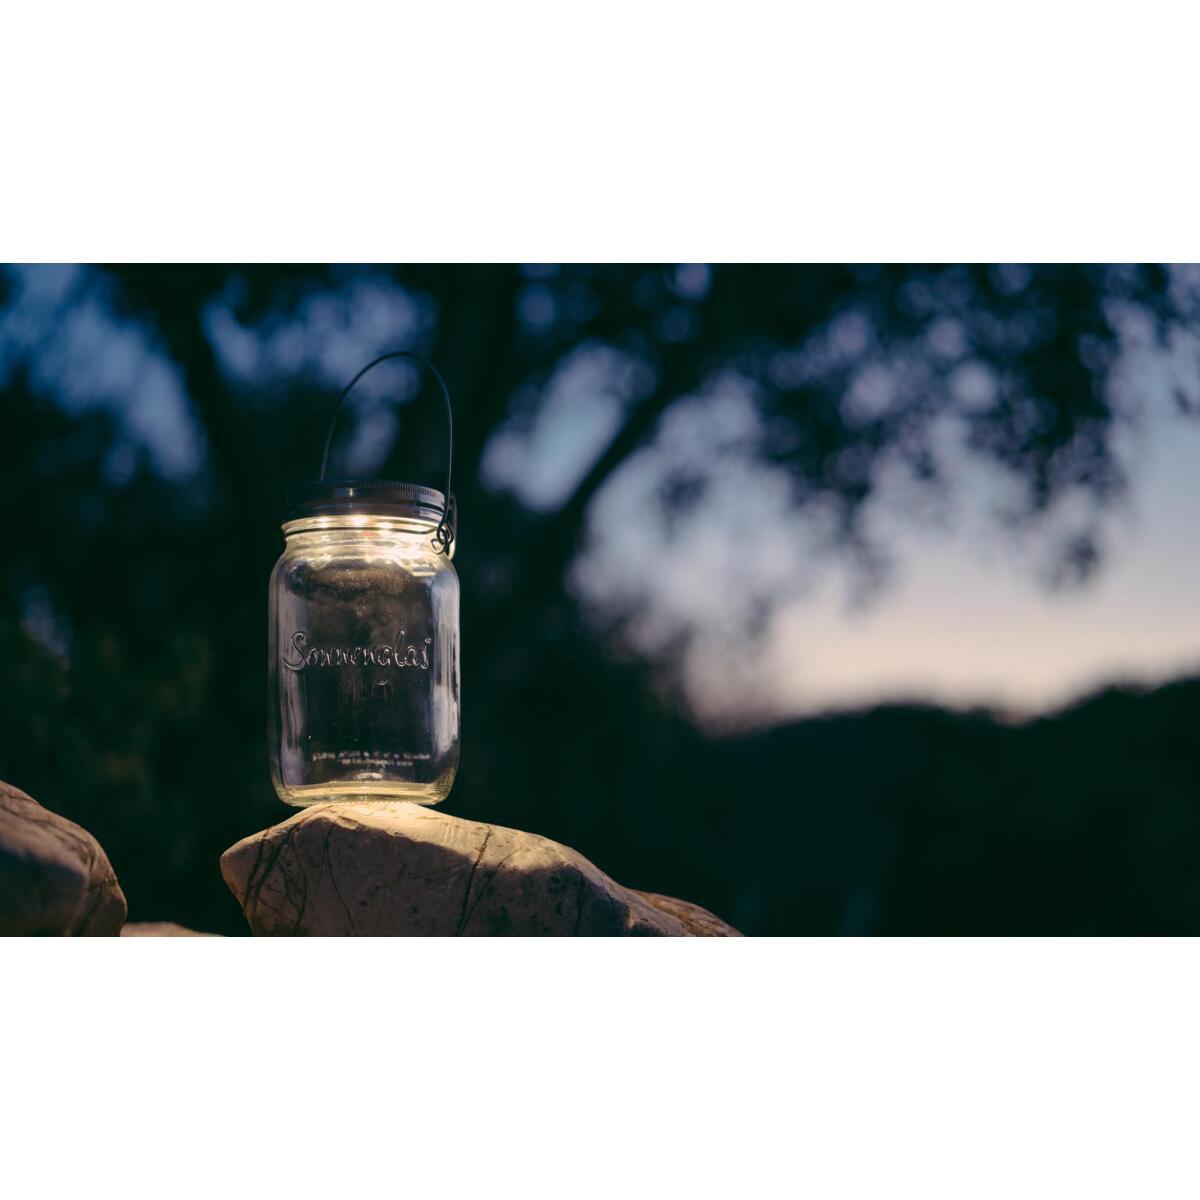 Sonnenglas Solarlampe Online kaufenLeuchtenreich.de, 29,90